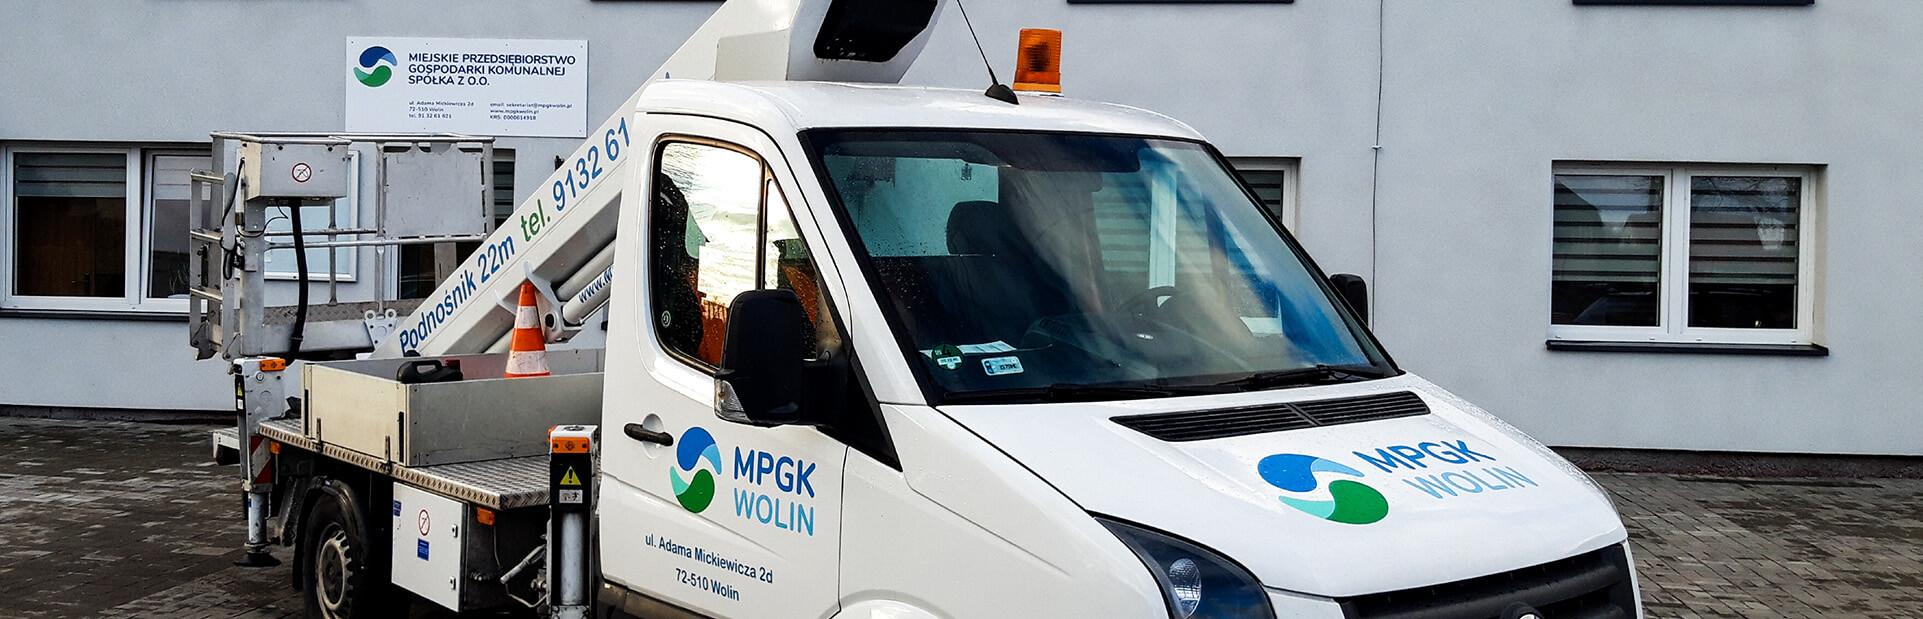 MPGK Wolin - podnośnik